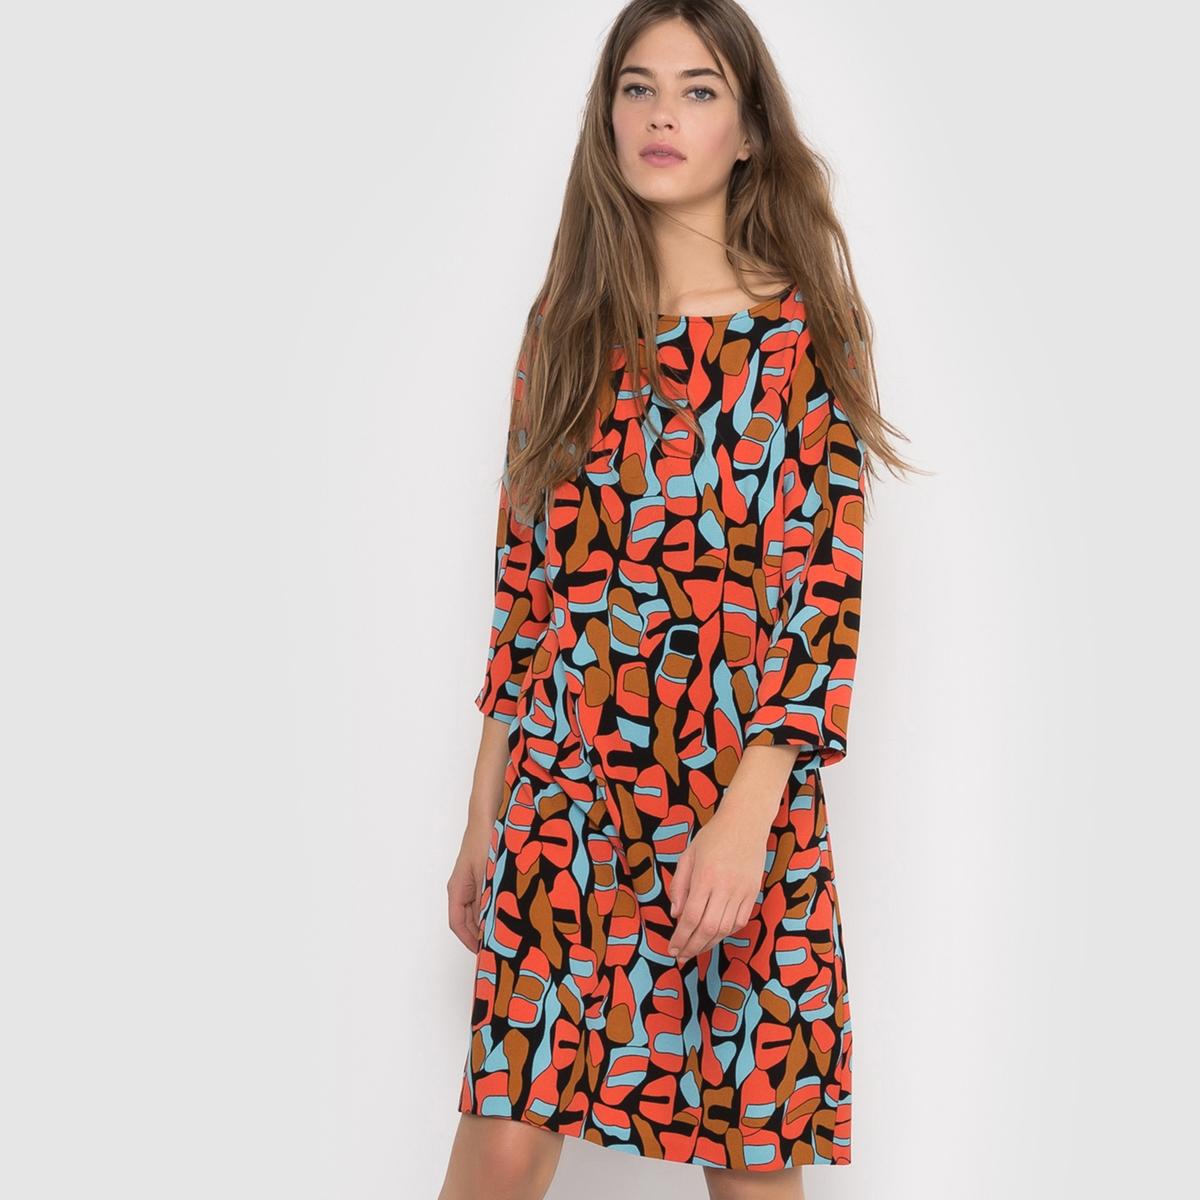 Платье с бантом сзадиПлатье с рукавами 3/4 R ?dition. Платье прямого покроя с оригинальным рисунком, V-образным вырезом сзади и оригинальным бантом. Состав и описание :Материал : 98% полиэстера, 2% эластанаМарка :      R ?ditionДлина : 115 смУходМашинная стирка при 30 °С с вещами схожих цветов Стирать и гладить с изнаночной стороныГладить при умеренной температуре<br><br>Цвет: набивной рисунок